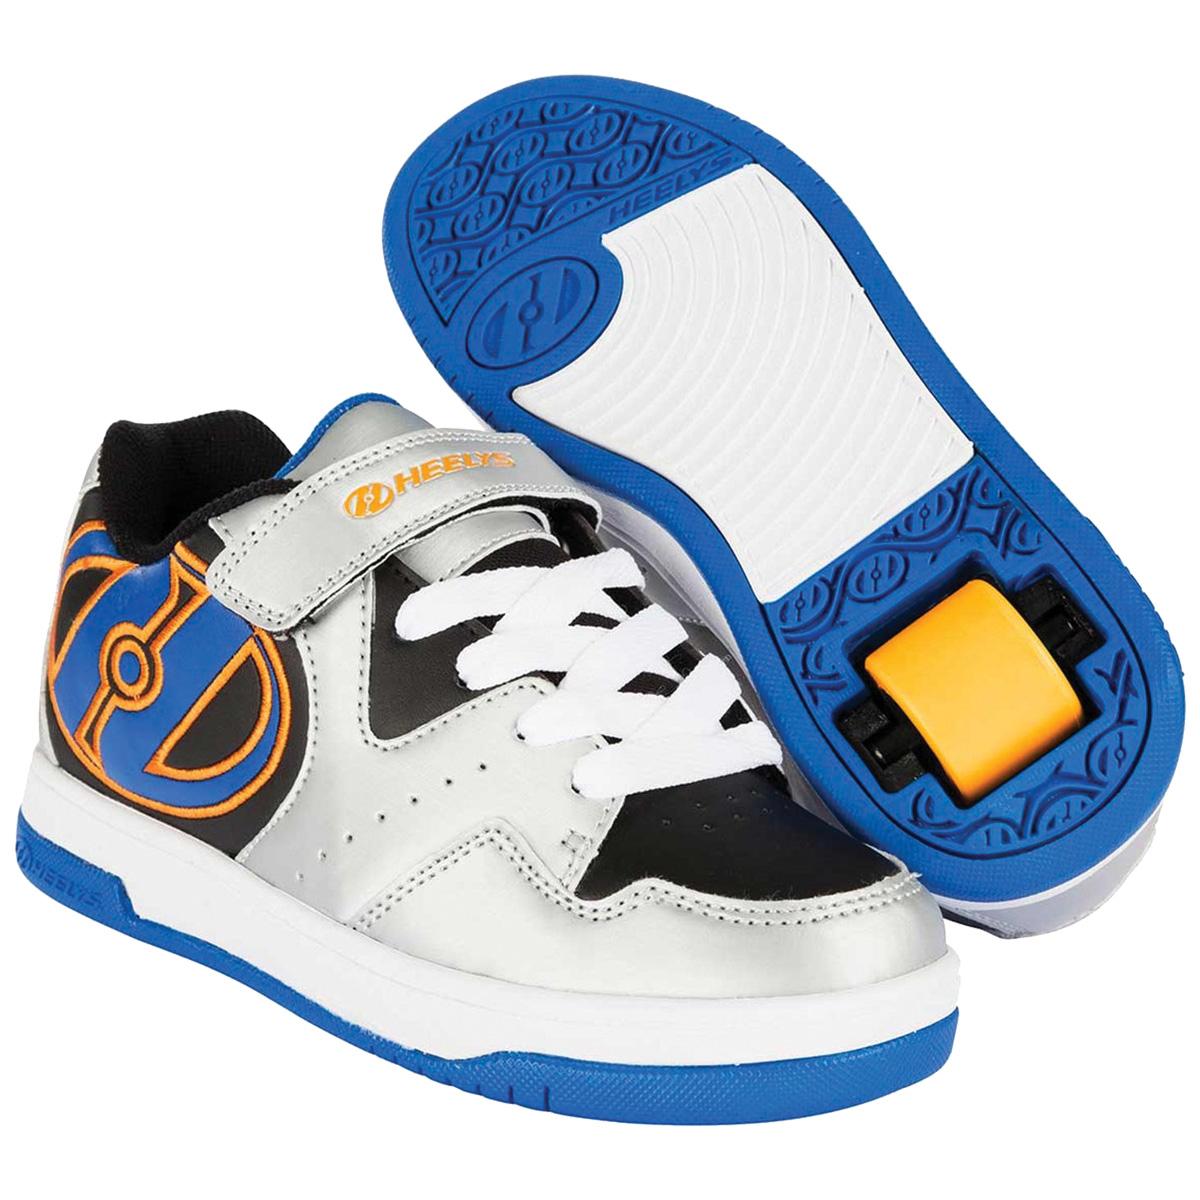 Кроссовки роликовые для мальчика Heelys, цвет: серый, черный. 770542. Размер 31 (30)770542Кроссовки роликовые для мальчика Heelys выполнены из искусственной кожи. На ноге модель фиксируется с помощью шнуровки и хлястика с липучкой. Внутренняя поверхность выполнена из сетчатого текстиля для лучшей циркуляции воздуха. Стелька выполнена из мягкого ЭВА-материала с текстильной поверхностью. Плоская цельнолитая подошва из полиуретана позаботится о безопасности при катании, торцы подошвы из вулканизированной резины, с отверстием в пятке для ролика и заглушки. В комплекте с роликами идут ролики с подшипниками, заглушки, ключ для извлечения роликом и заглушек, инструкция.